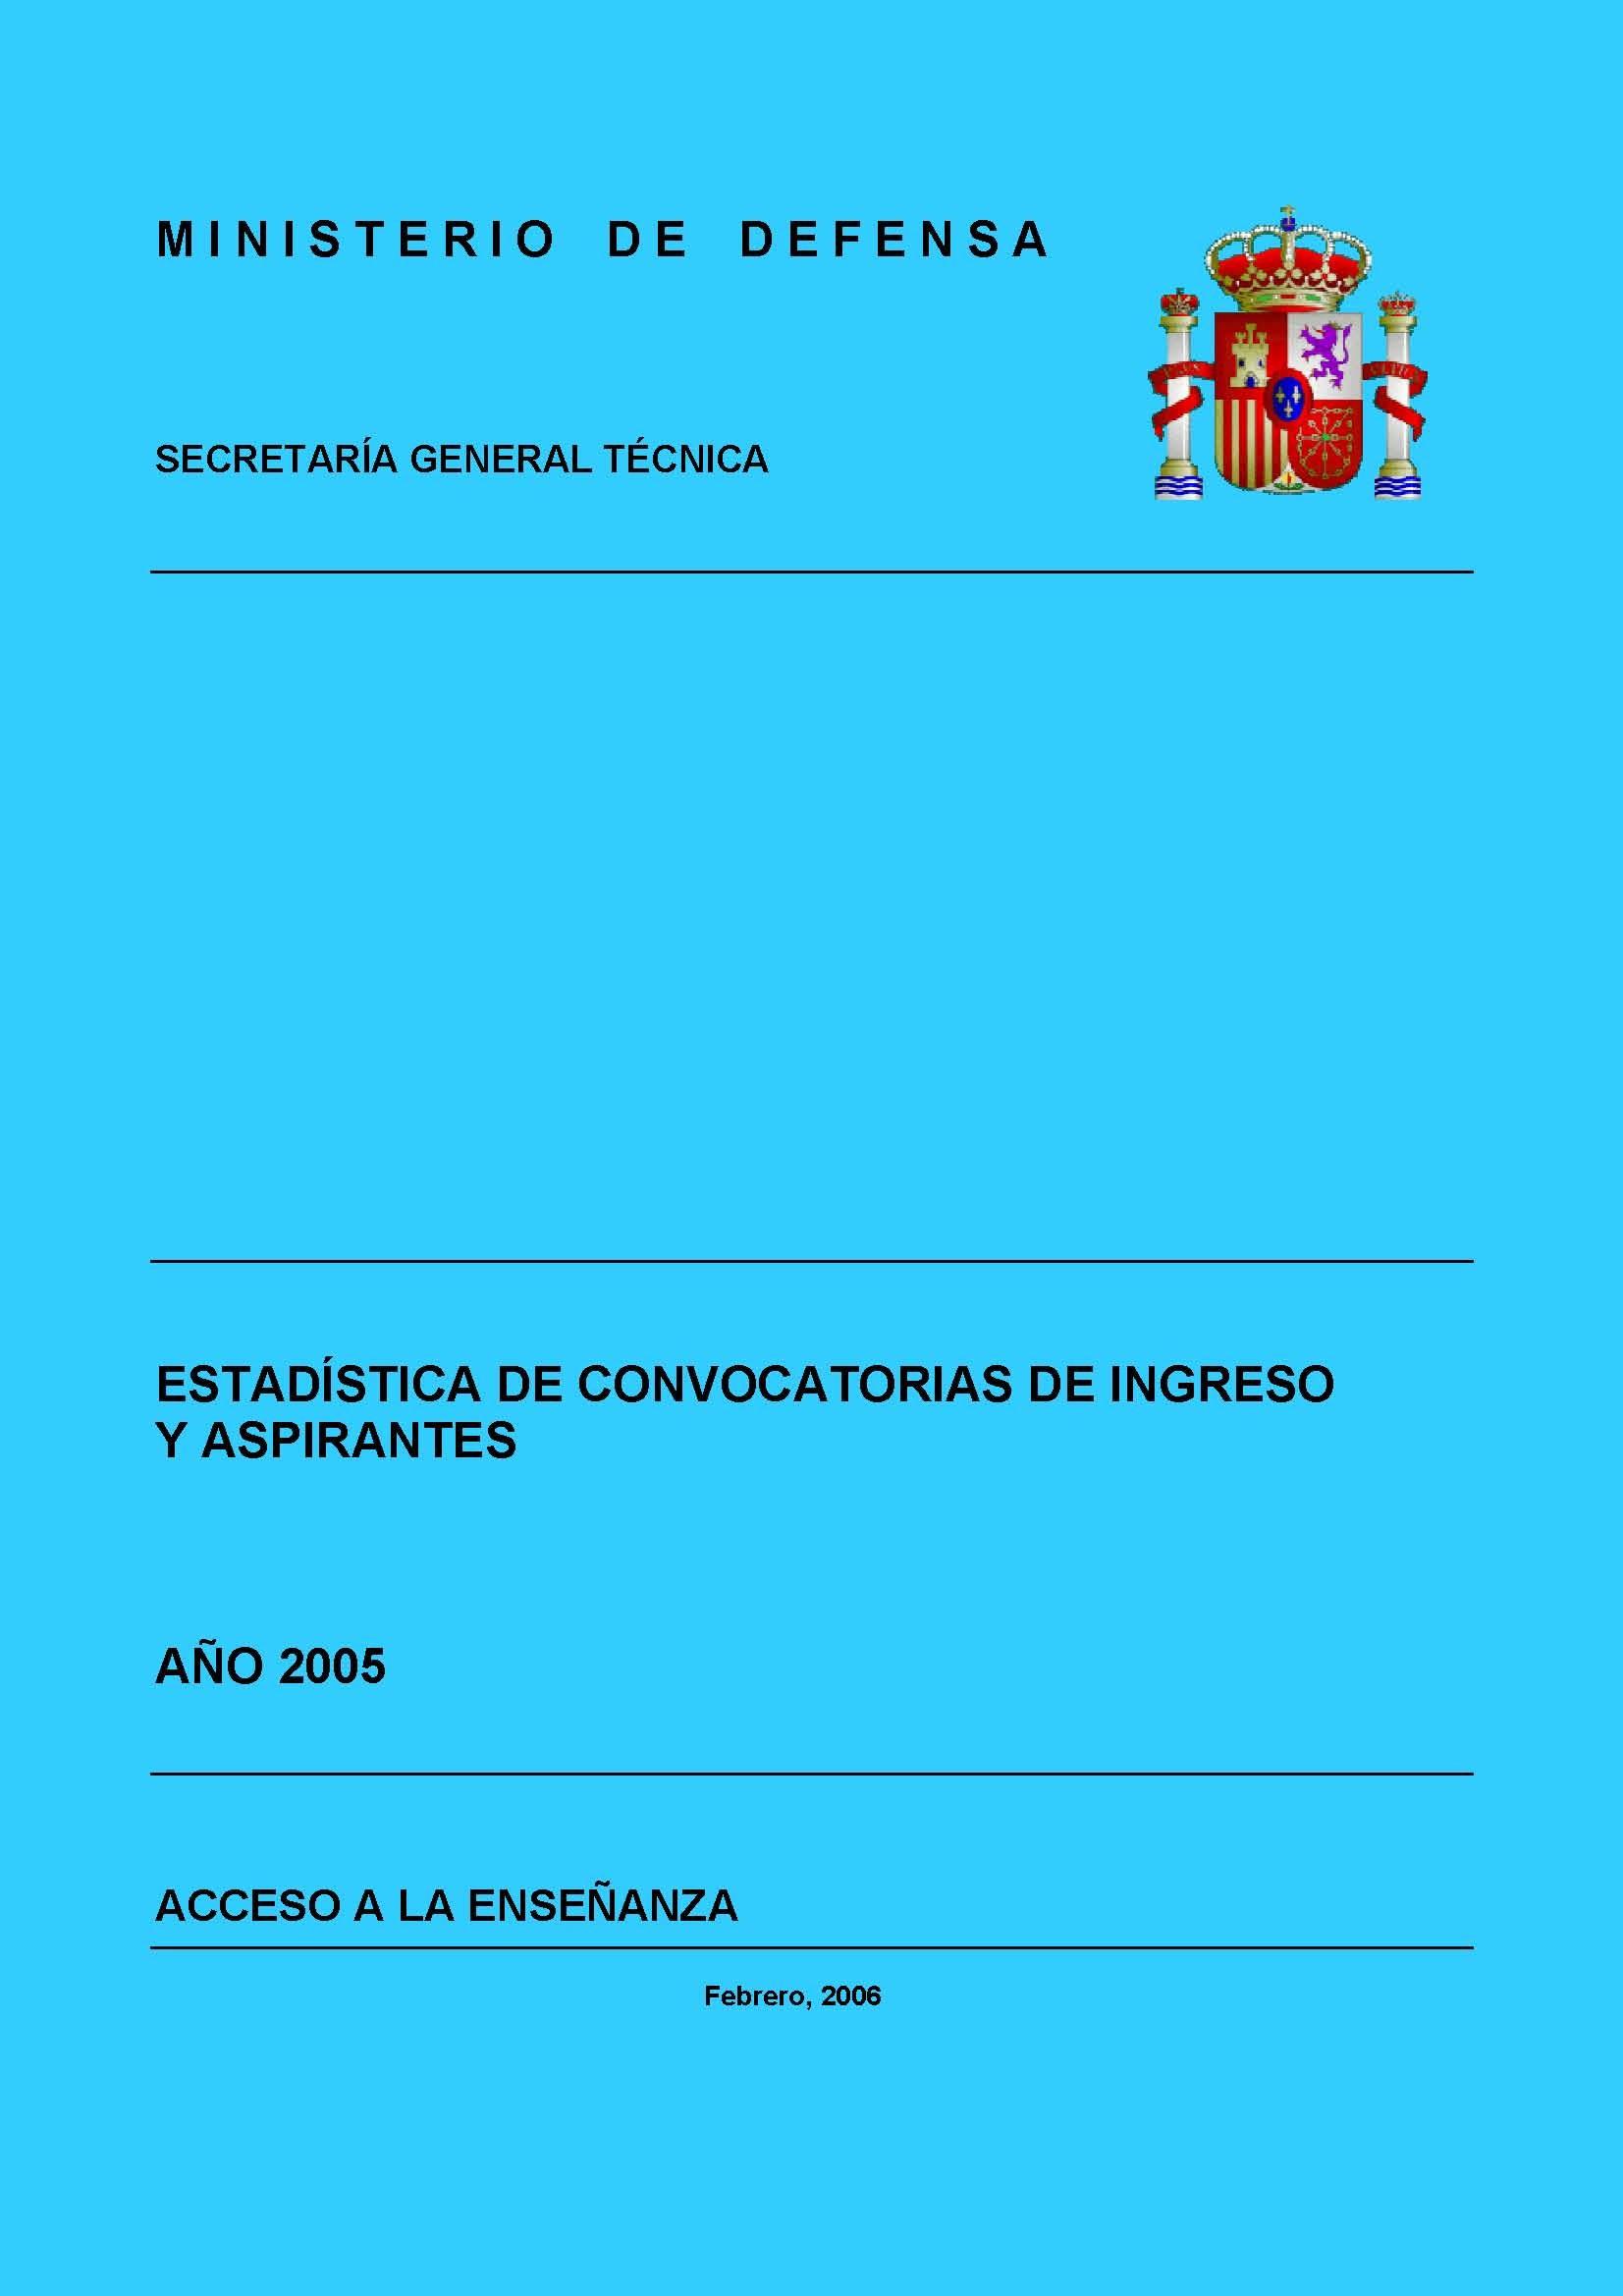 ESTADÍSTICA DE CONVOCATORIAS DE INGRESO Y ASPIRANTES 2005